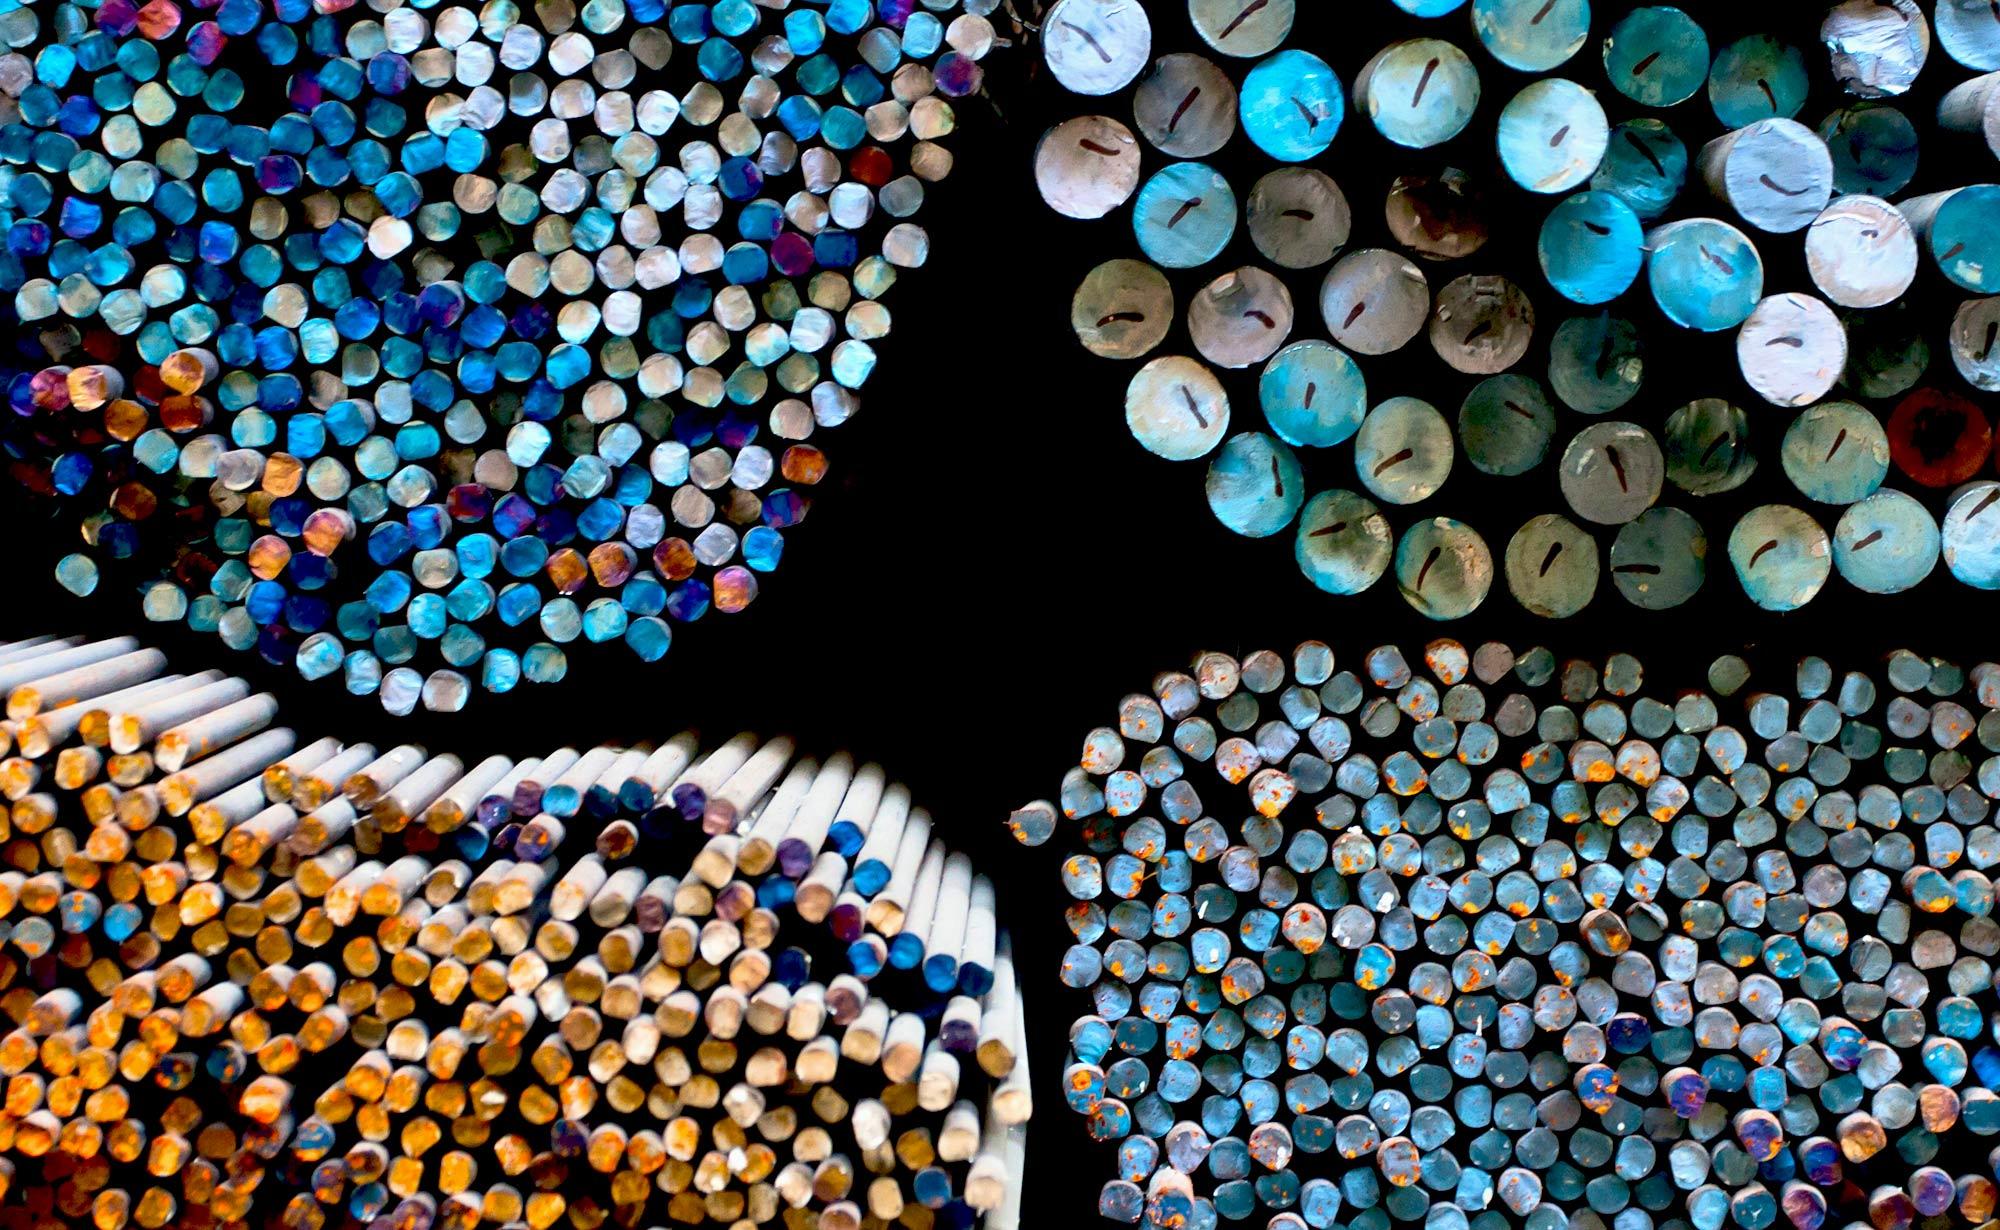 foto di tondini colorati in magazzino presso Vicini Tubi spa prodotti siderurgici e tubi strutturali Firenze